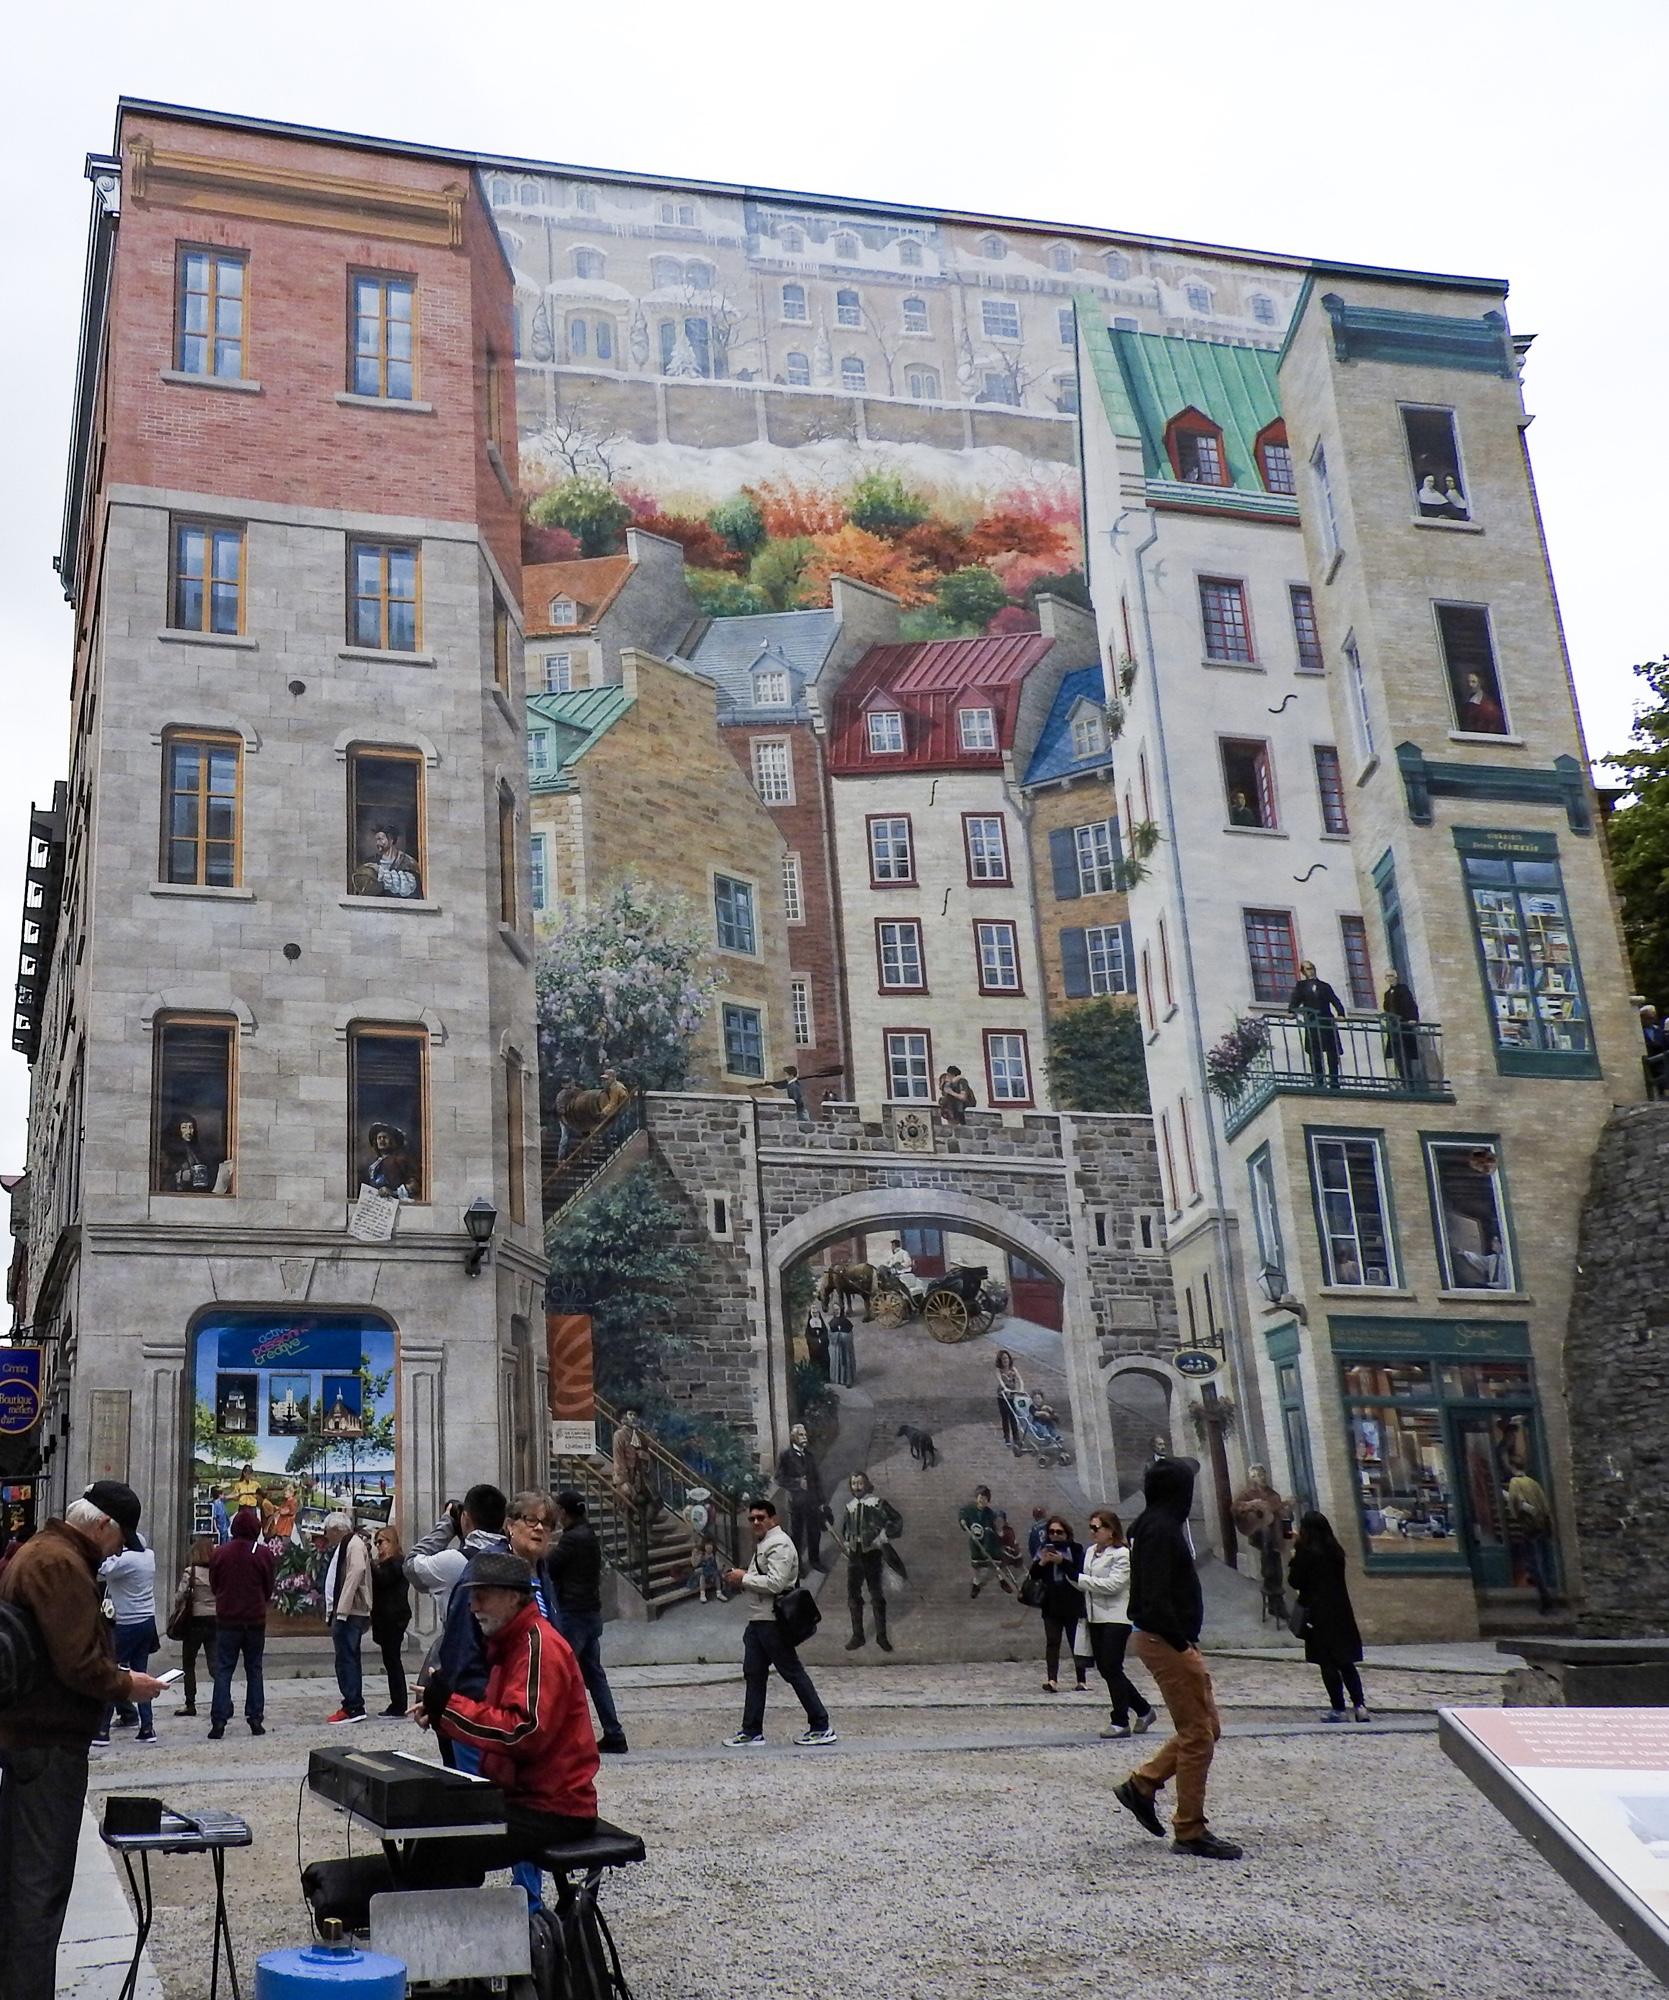 プチシャンプラン通りケベックシティ観光おすすめ 壁画